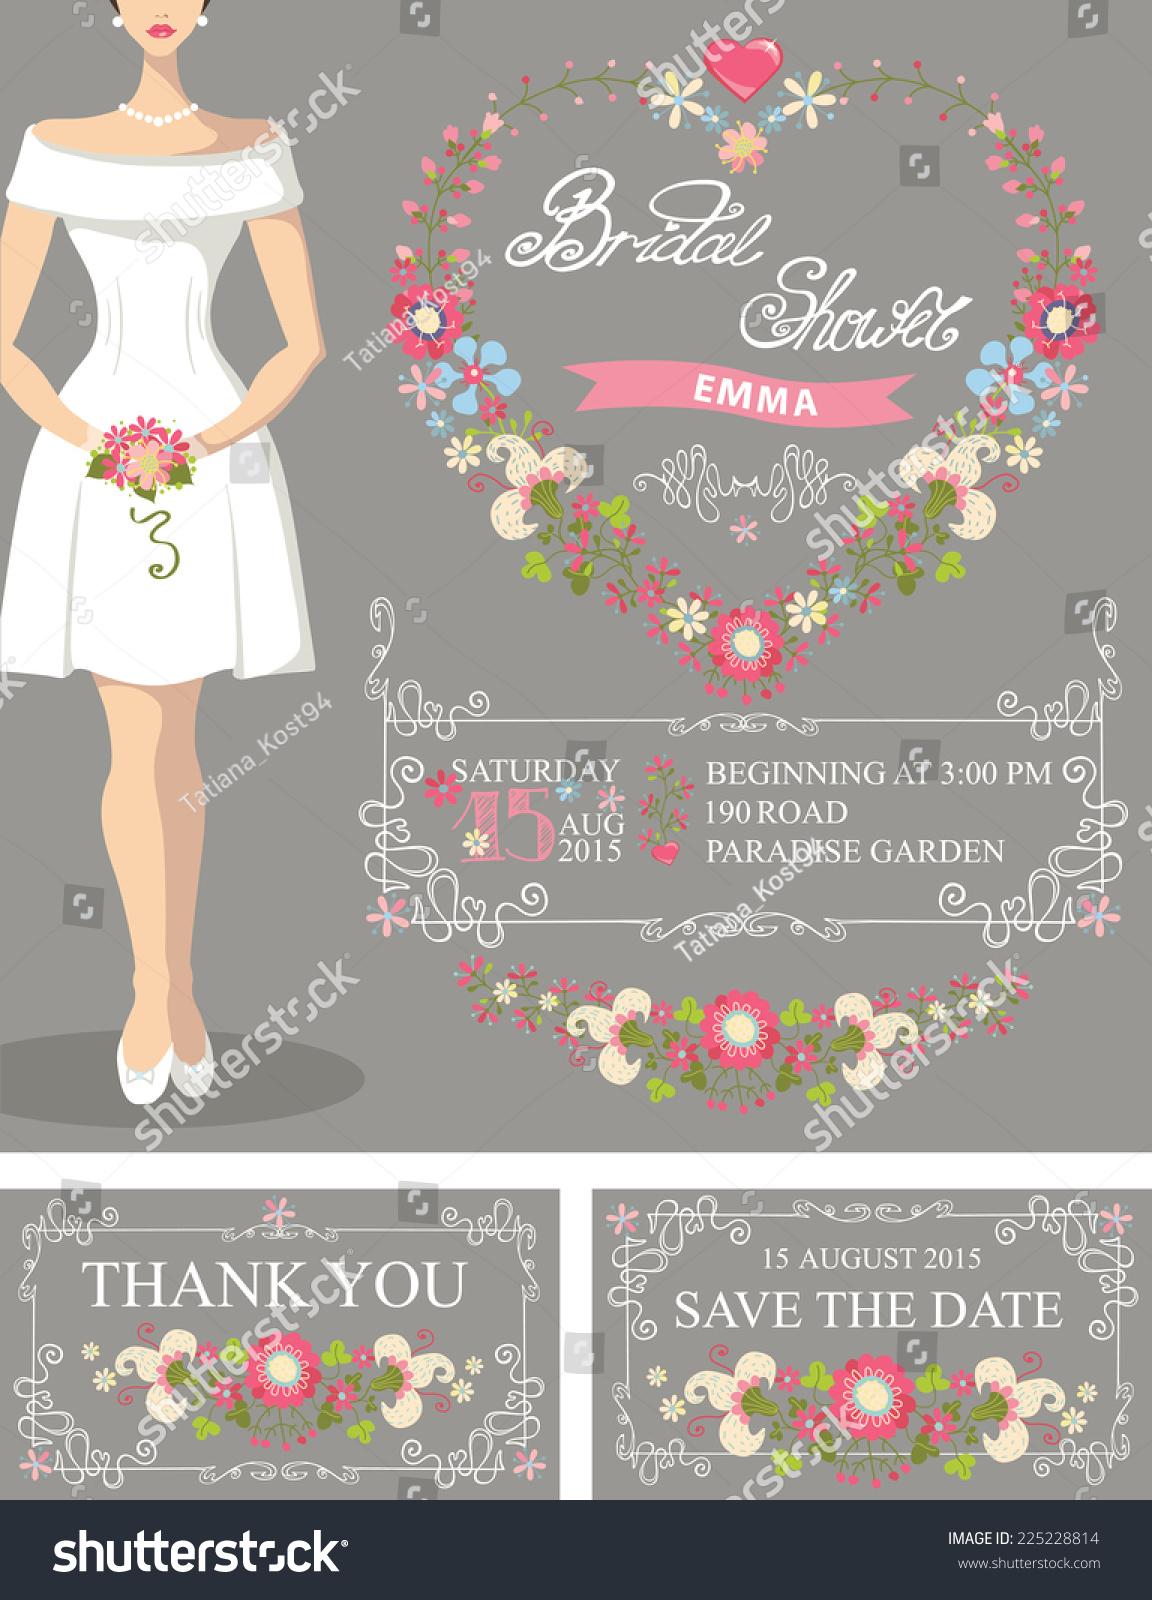 bridal shower setcute cartoon bride in white short dressdecor swirling border